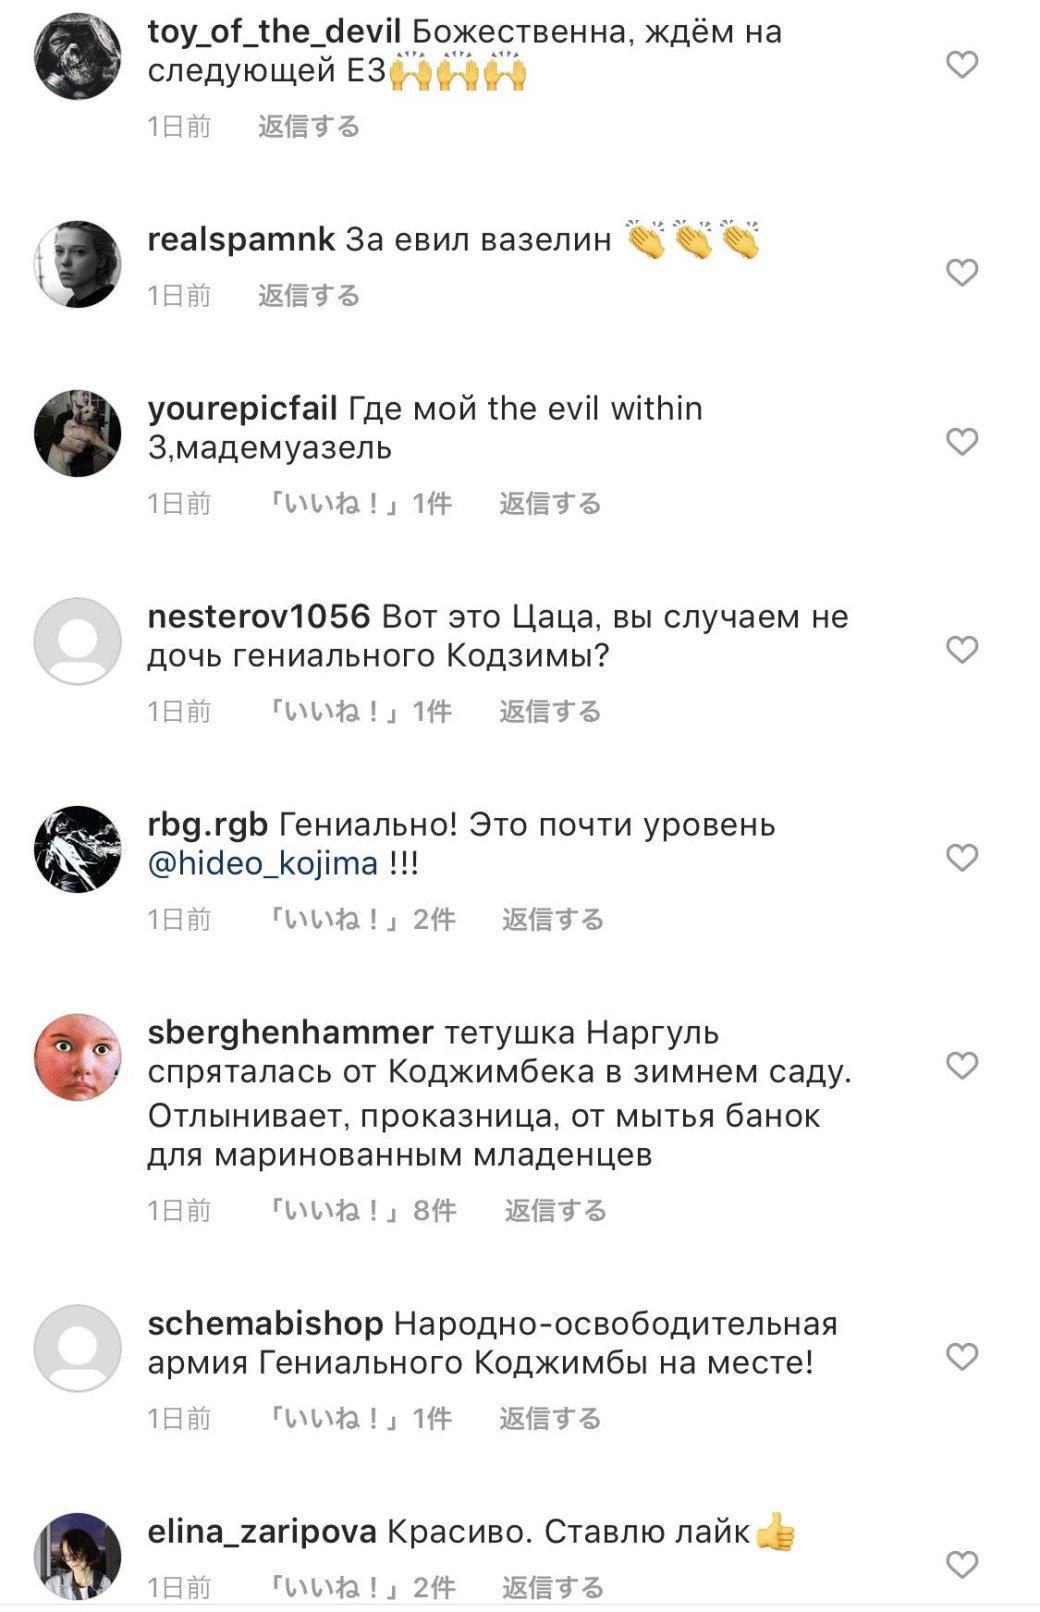 Главная милашка Е3 2019 Икуми Накамура заговорила нарусском ипоблагодарила всех за«кириллицу»